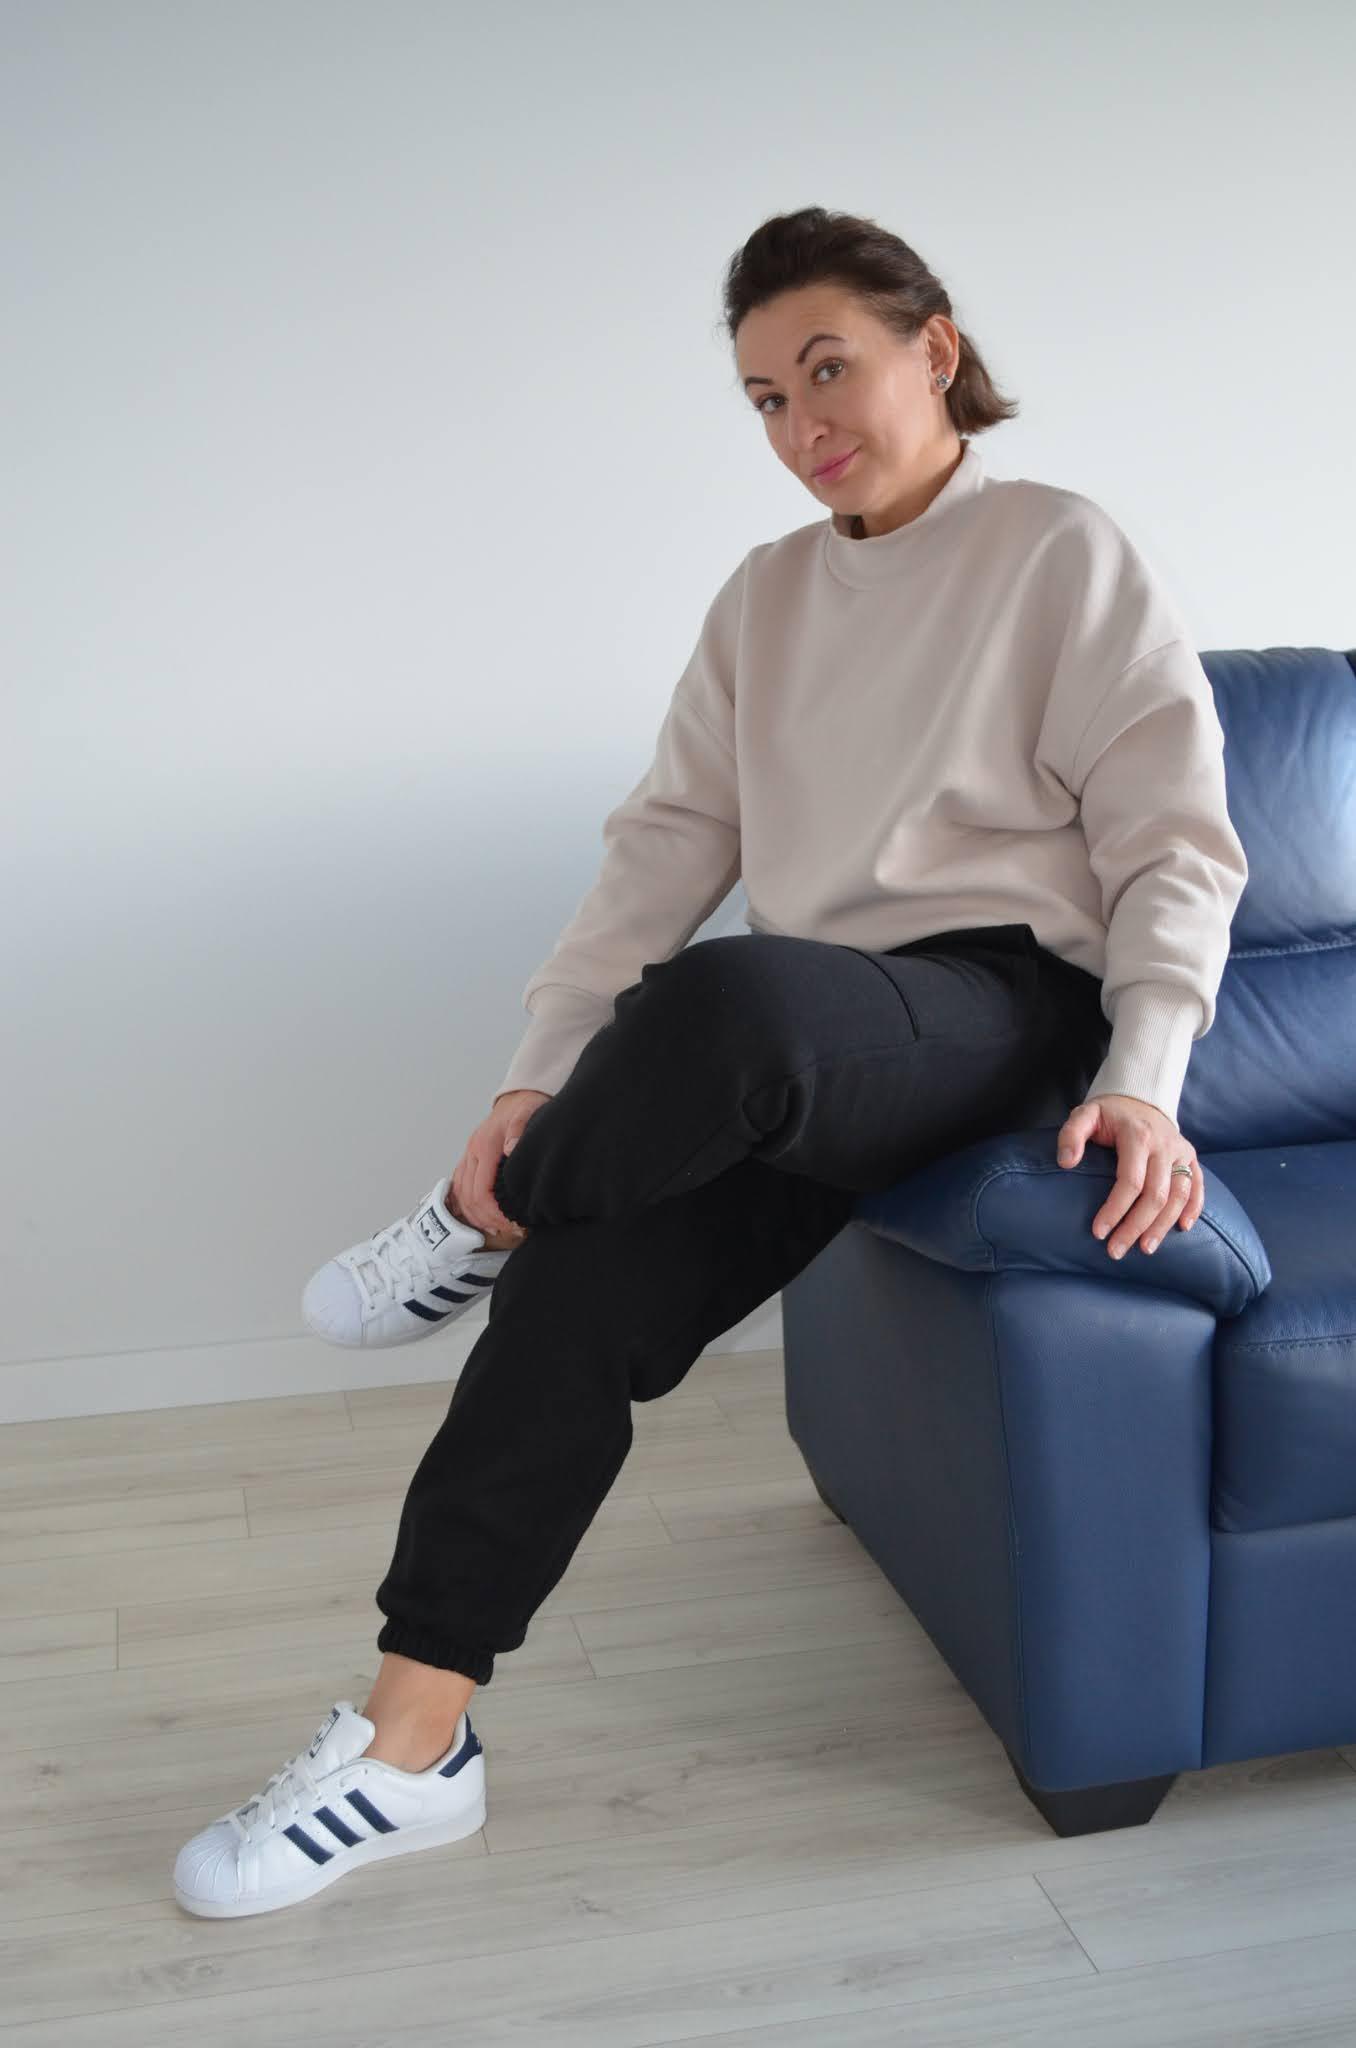 femme luxe loungewear, houseparty loungewear,www.adriana-style.com,@adrianastyle_stylist,dresowe komplety femme luxe, moda na luzie,Blogerka Modowa Wrocław, wygodna moda, moda, fashion